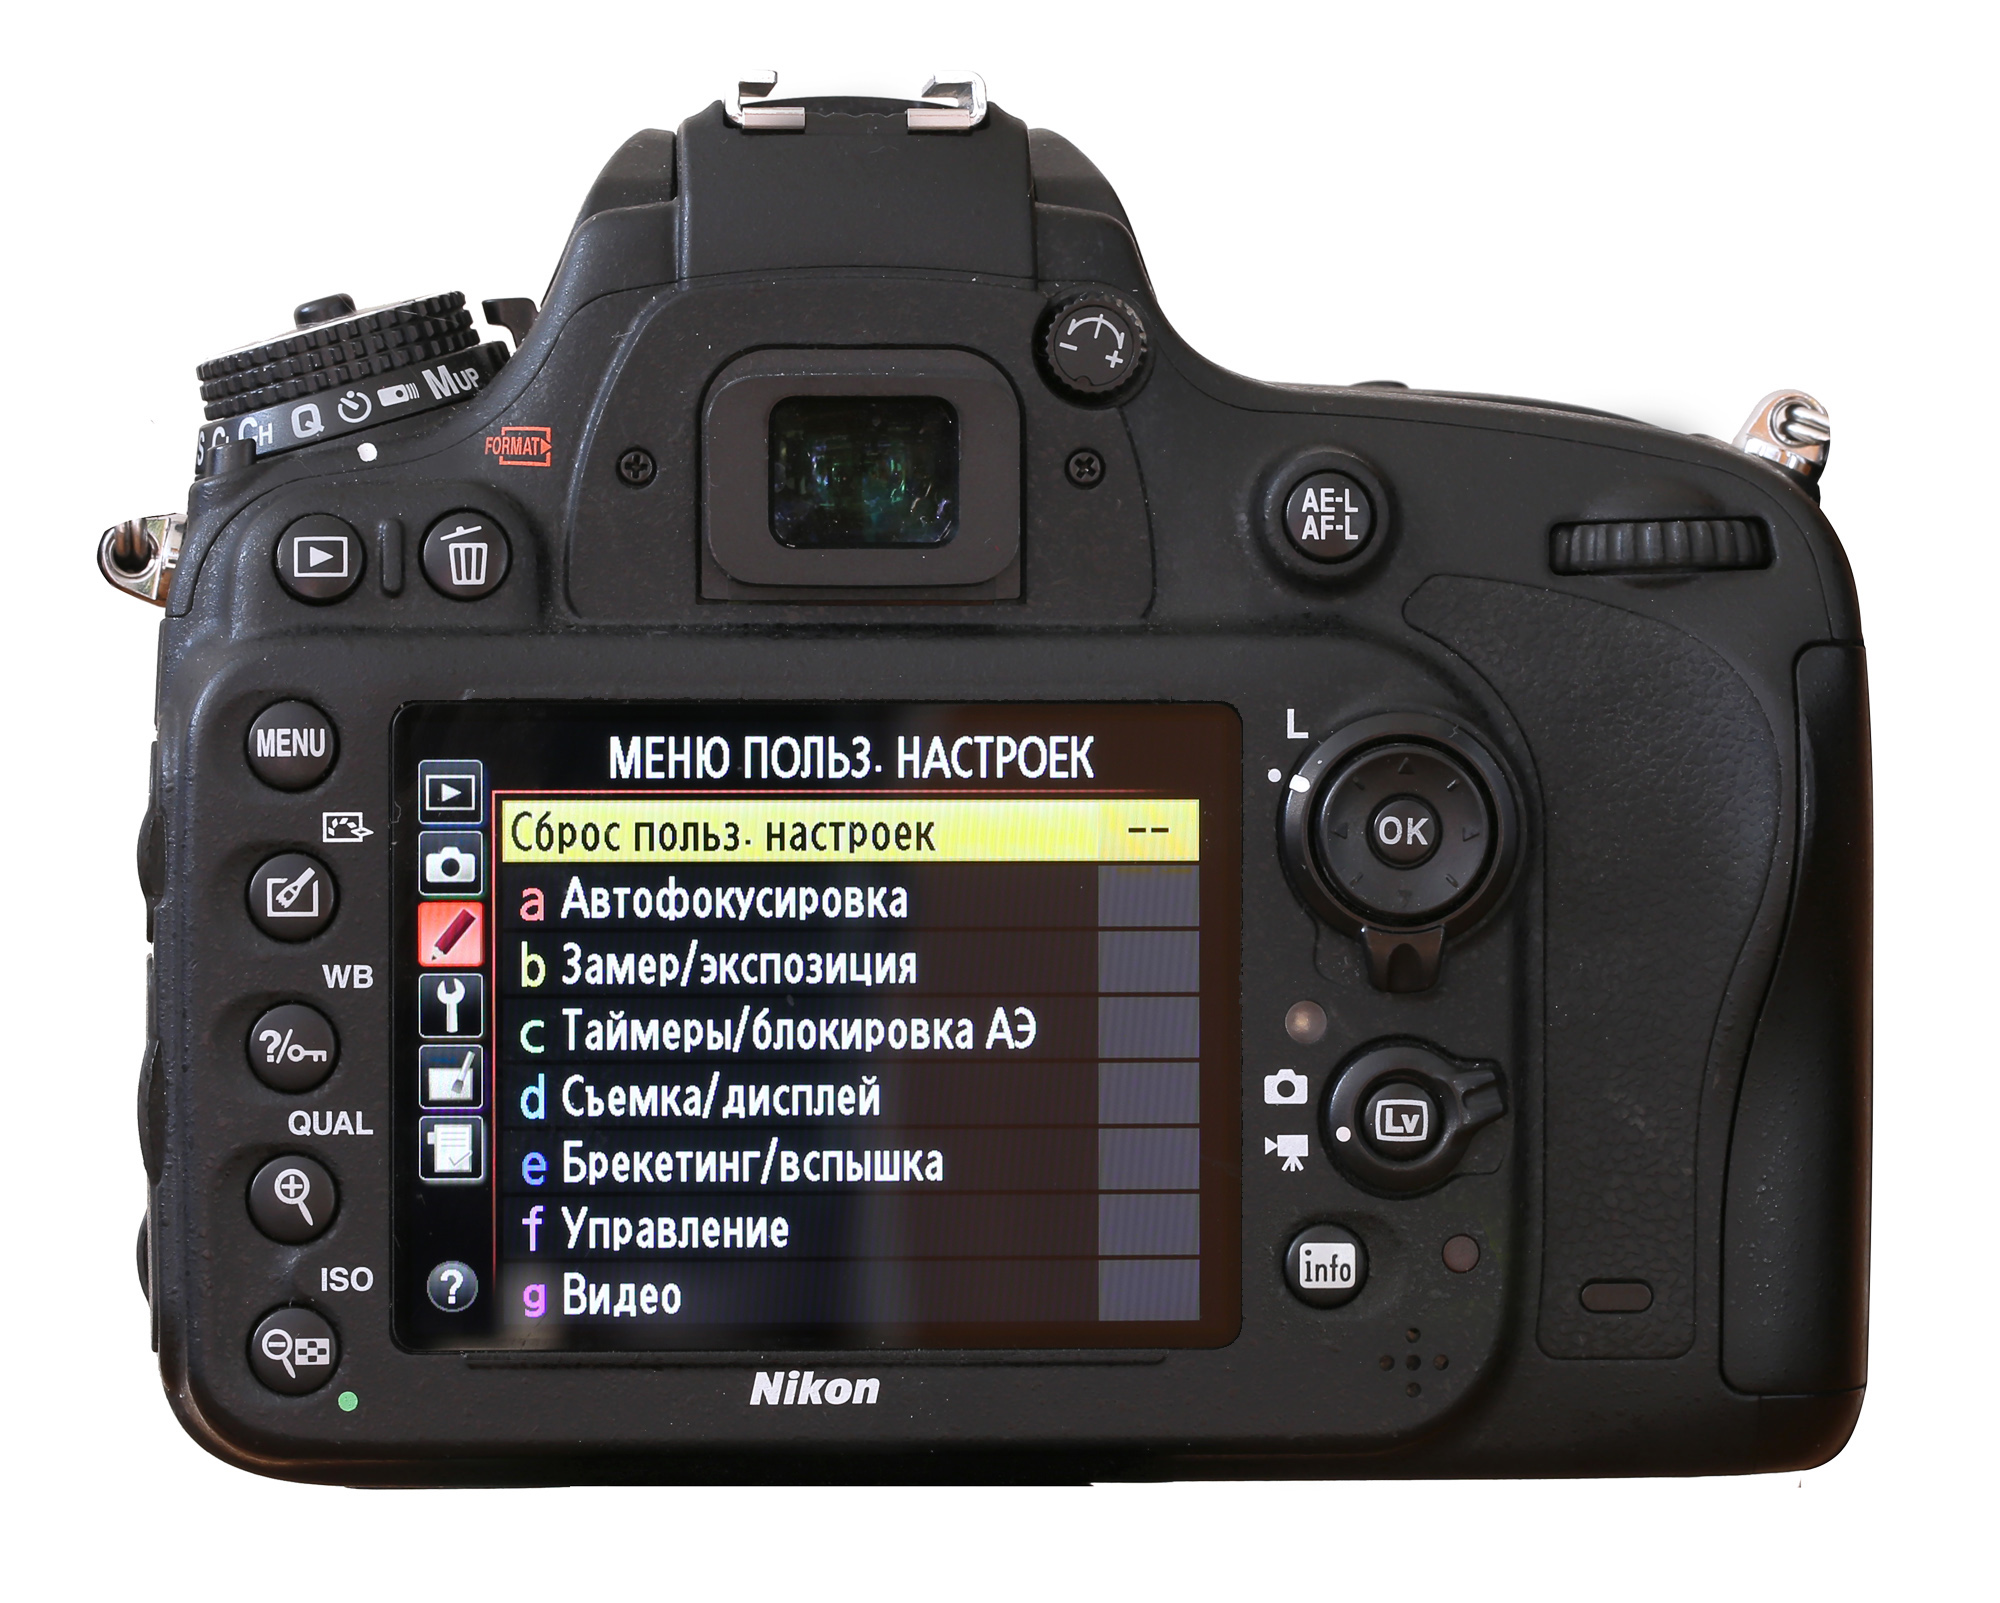 Как настроить фотоаппарат никон д 3100 для качественных фото пошагово